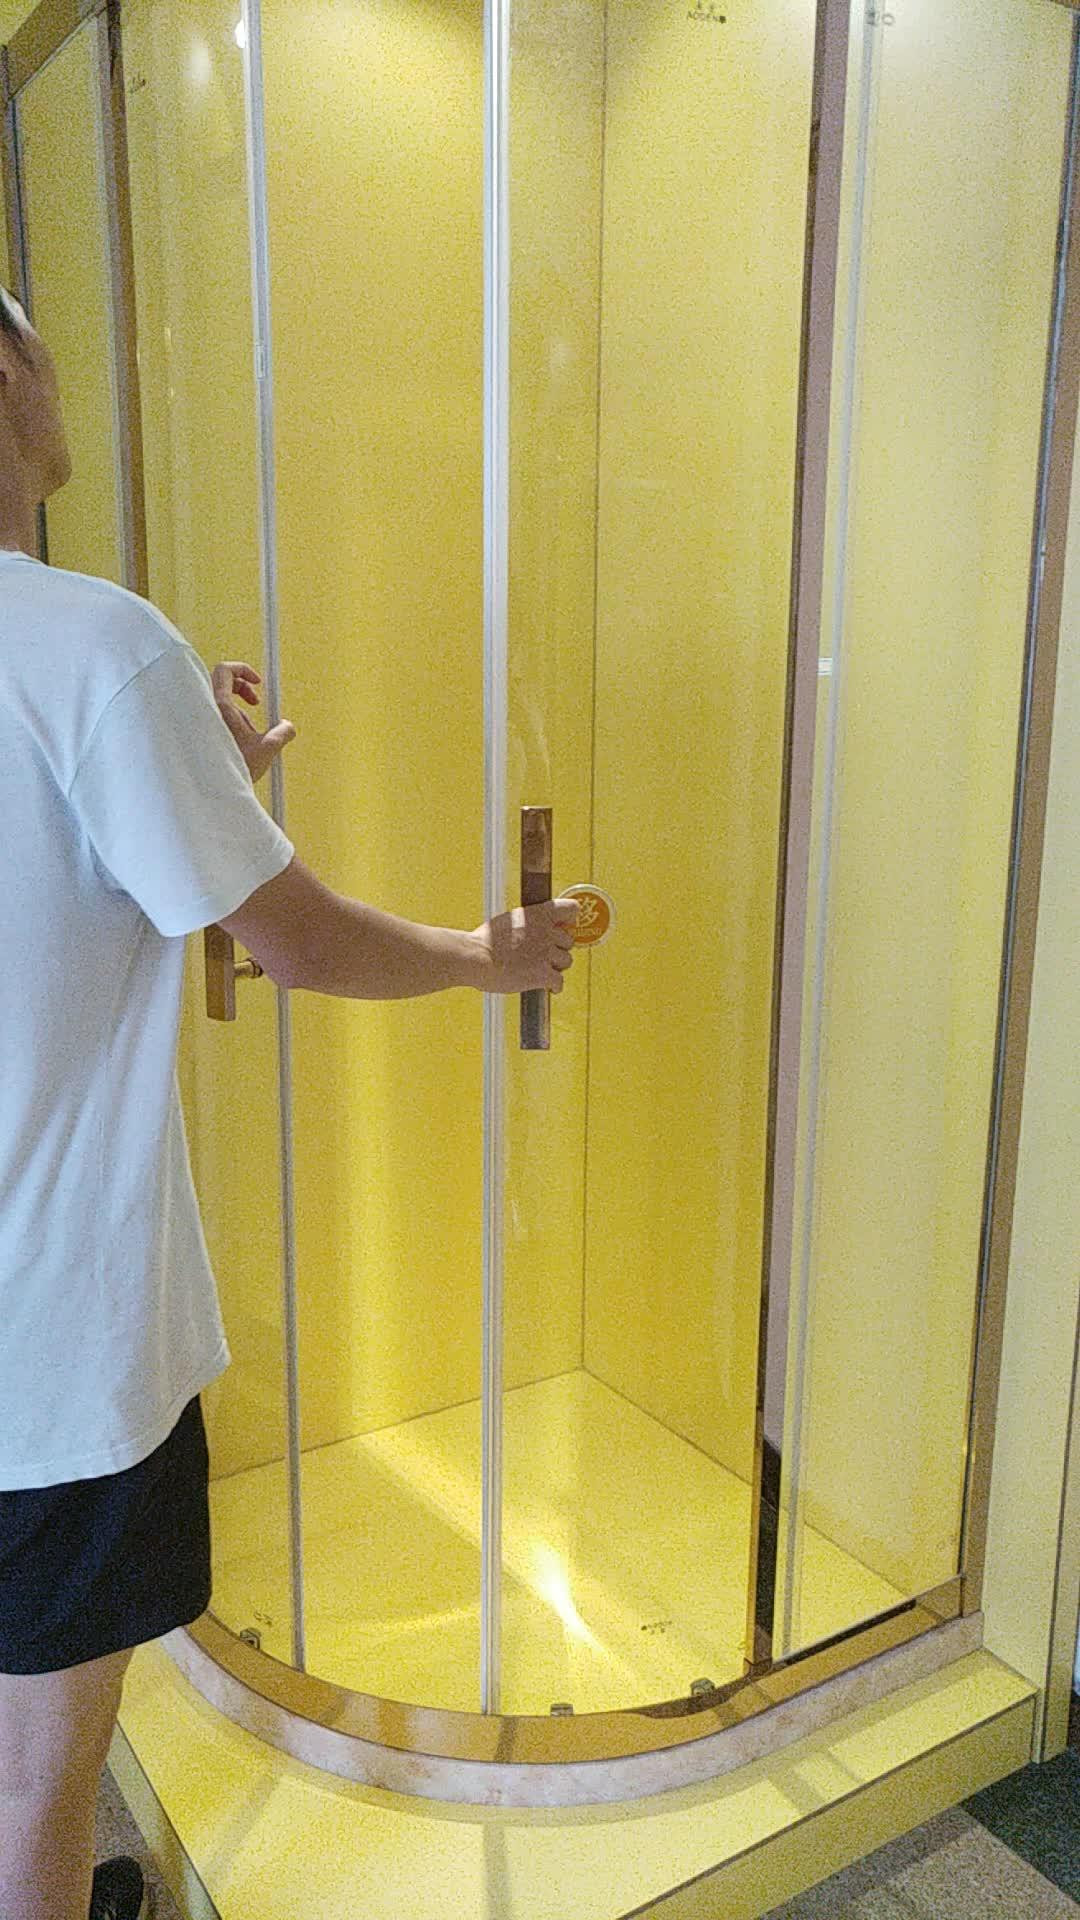 ห้องน้ำสภาพอากาศ PVC พลาสติกแม่เหล็กประตูยางซีล